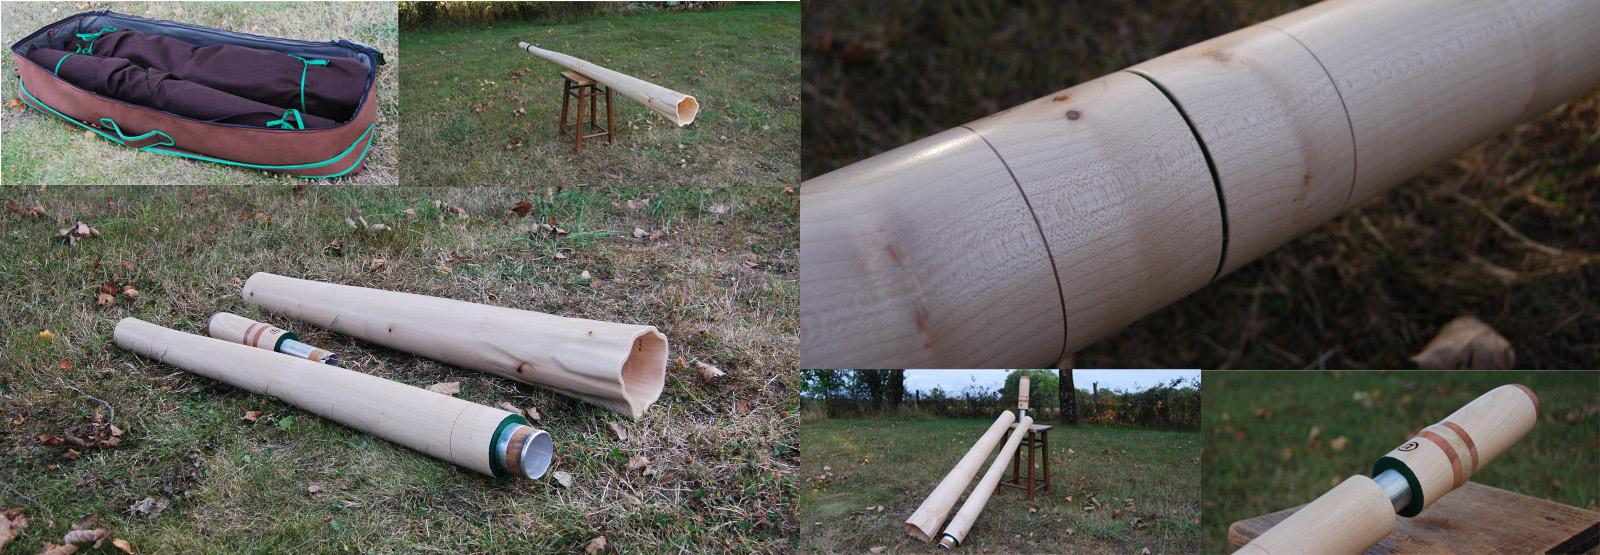 Pivert-Didgeridoos_95-2_TnT